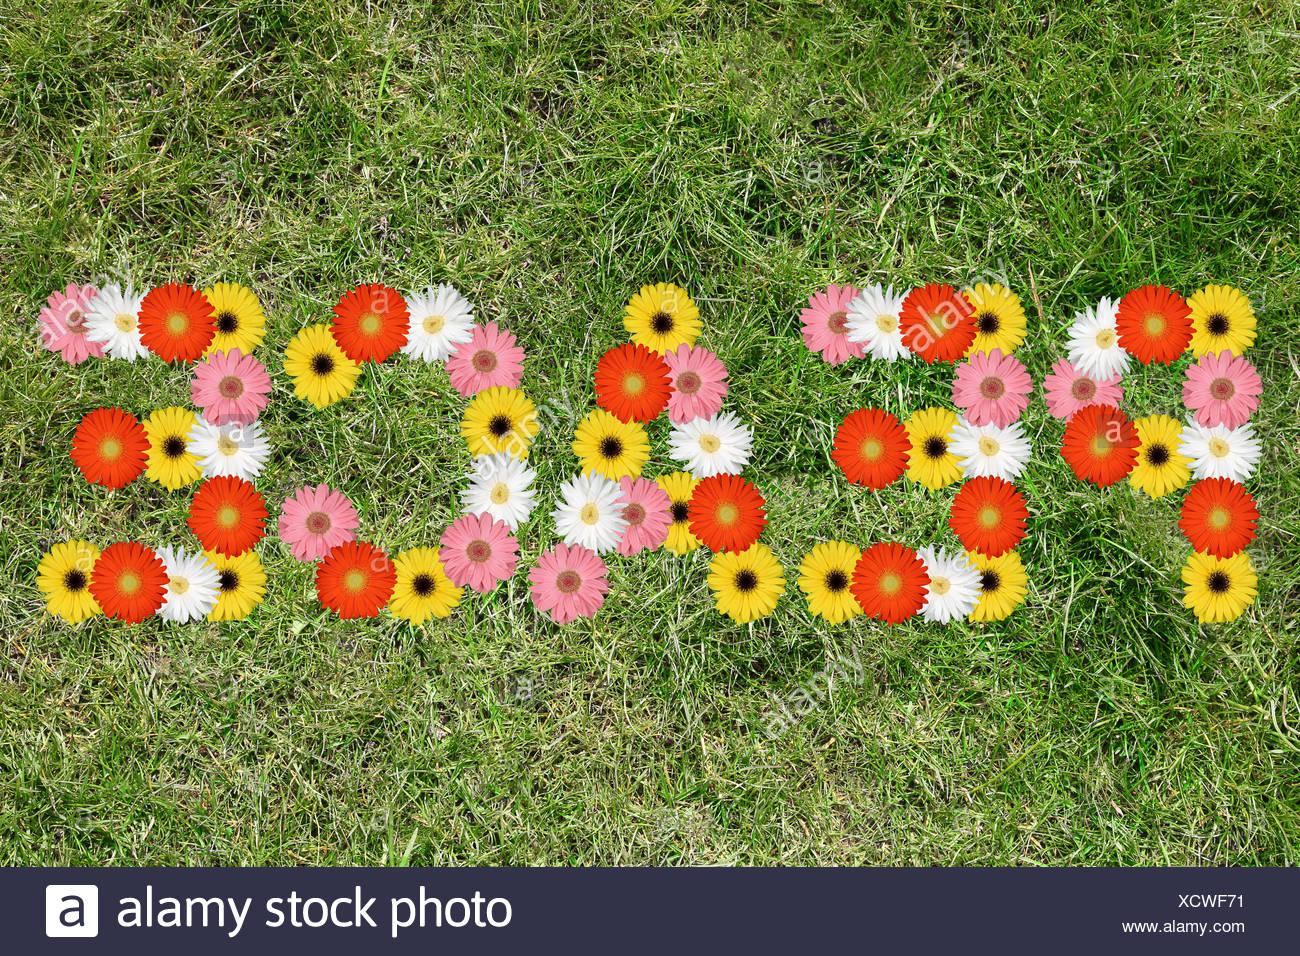 La paix la paix de la paix fleur nature grass meadow pelouse Photo Stock